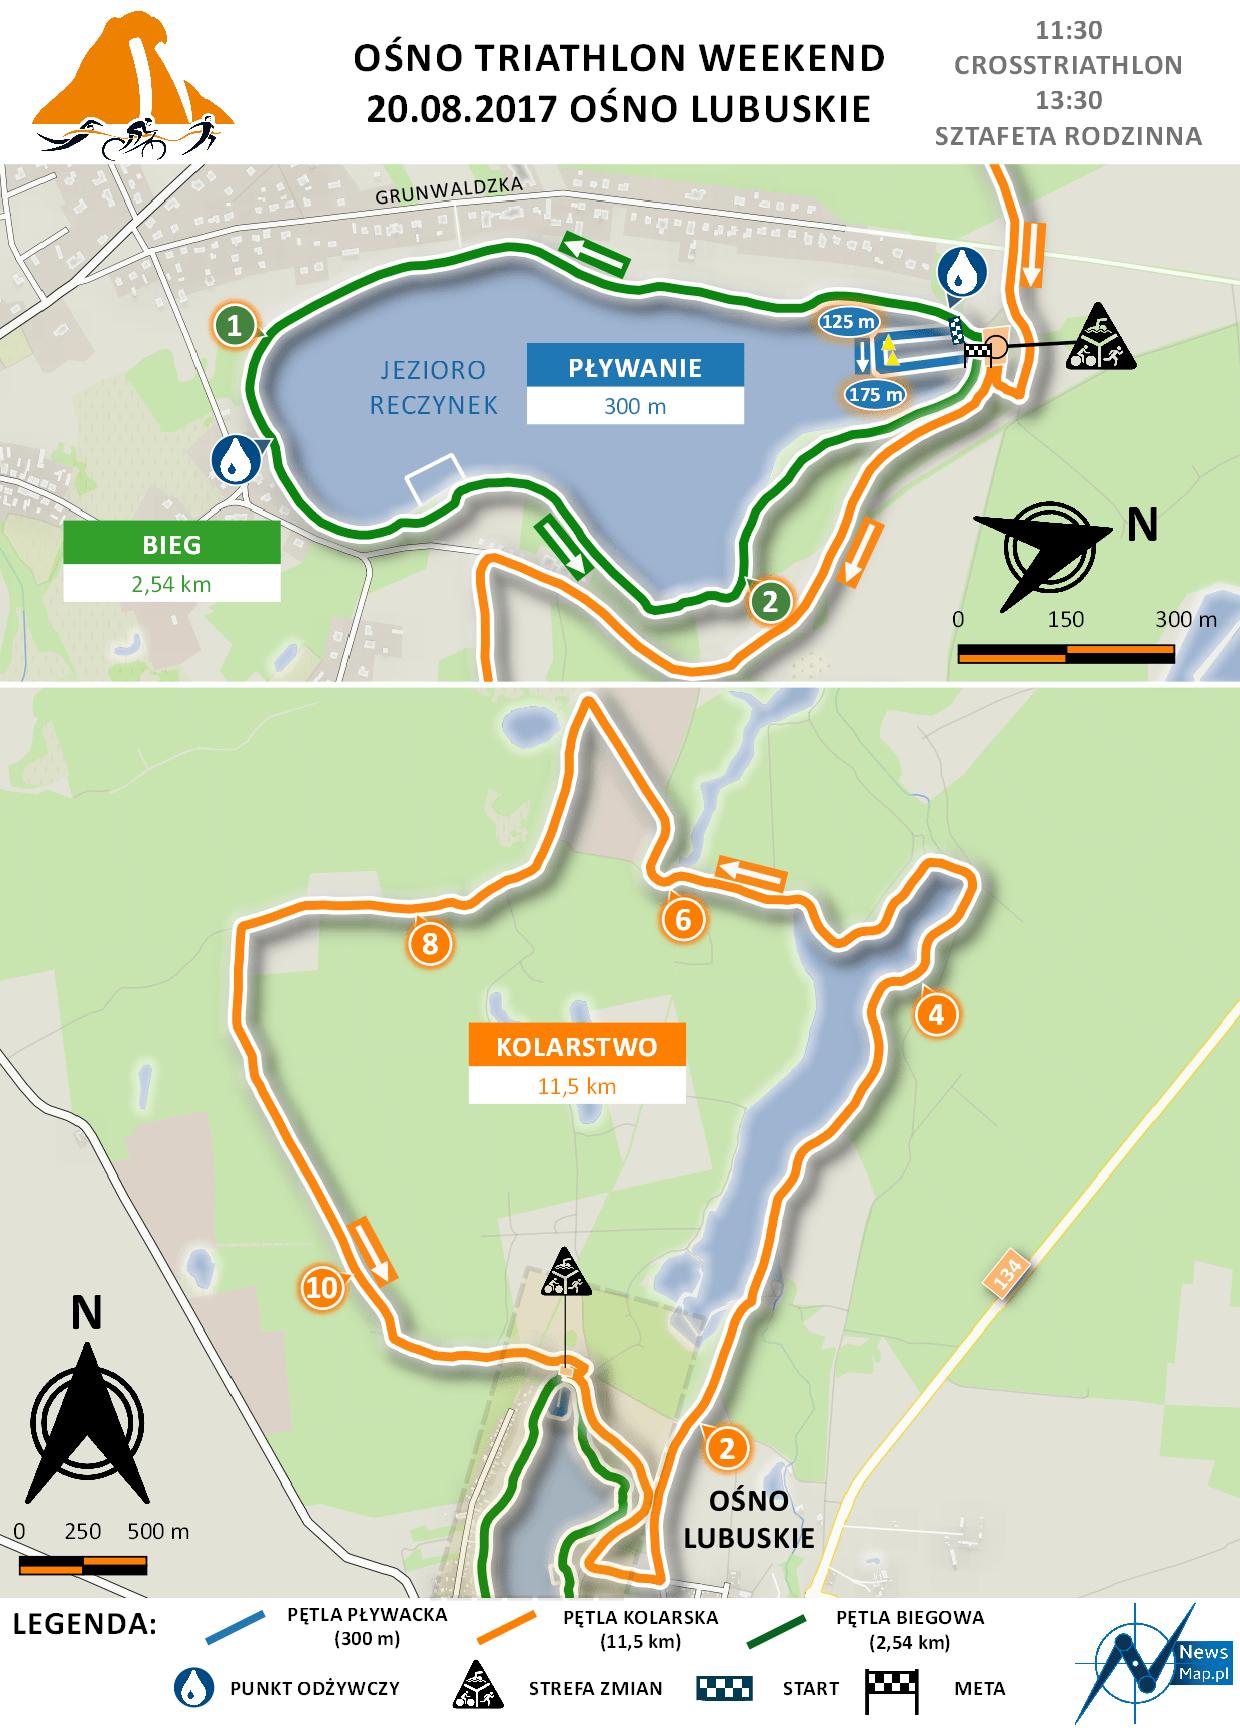 Ośno Weekend Triathlon (drugi dzień -150 dpi)